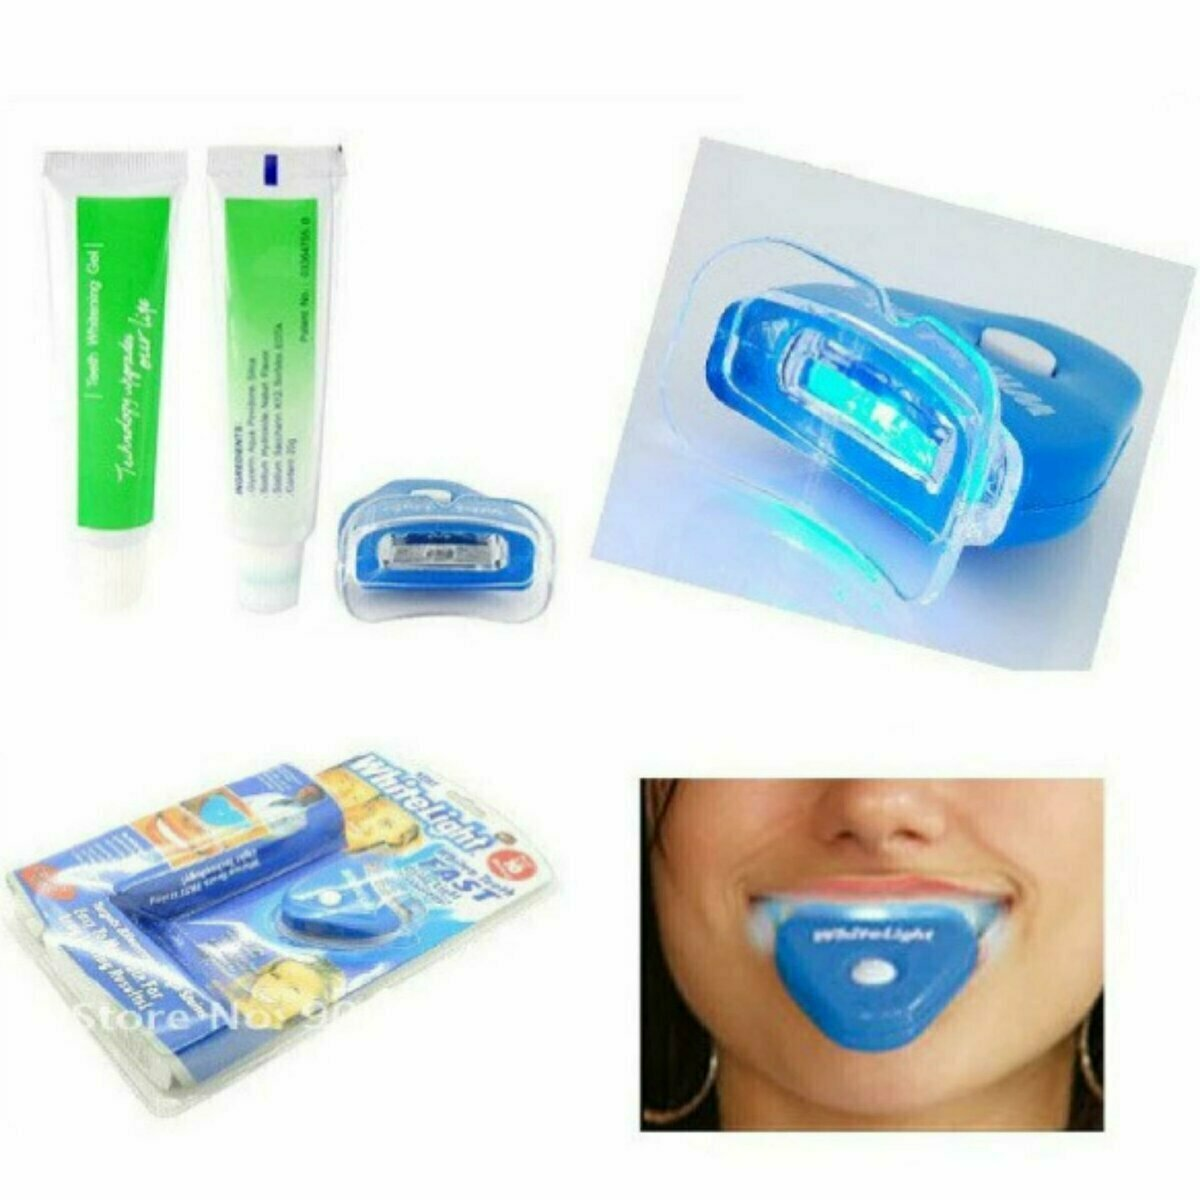 Инструкция по применению whitelight: как пользоваться системой отбеливания зубов в домашних условиях?